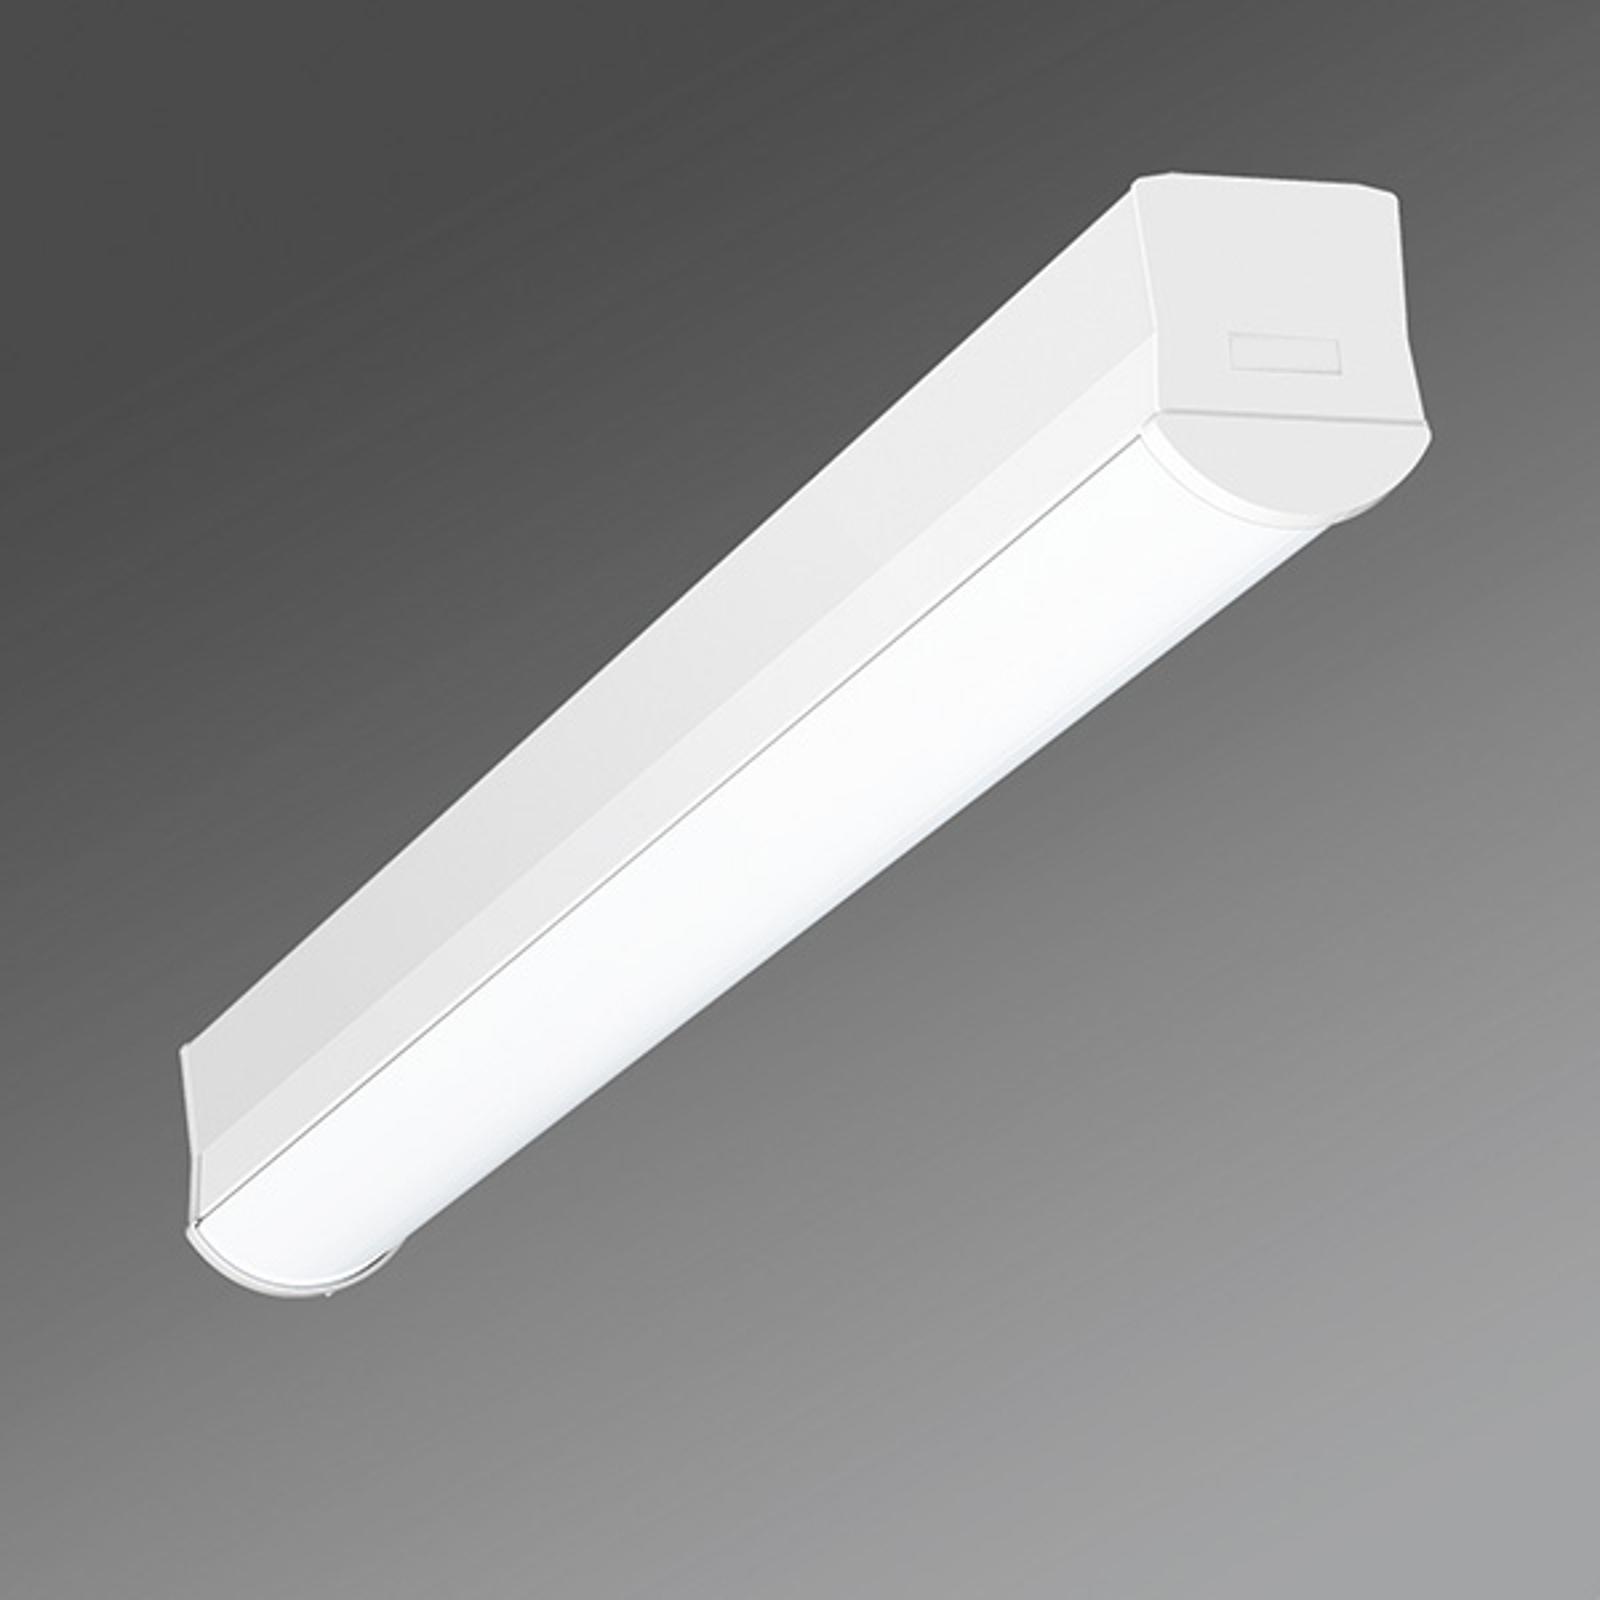 Kapea LED-kattovalaisin Ilia-ILG/0600 4 000 K